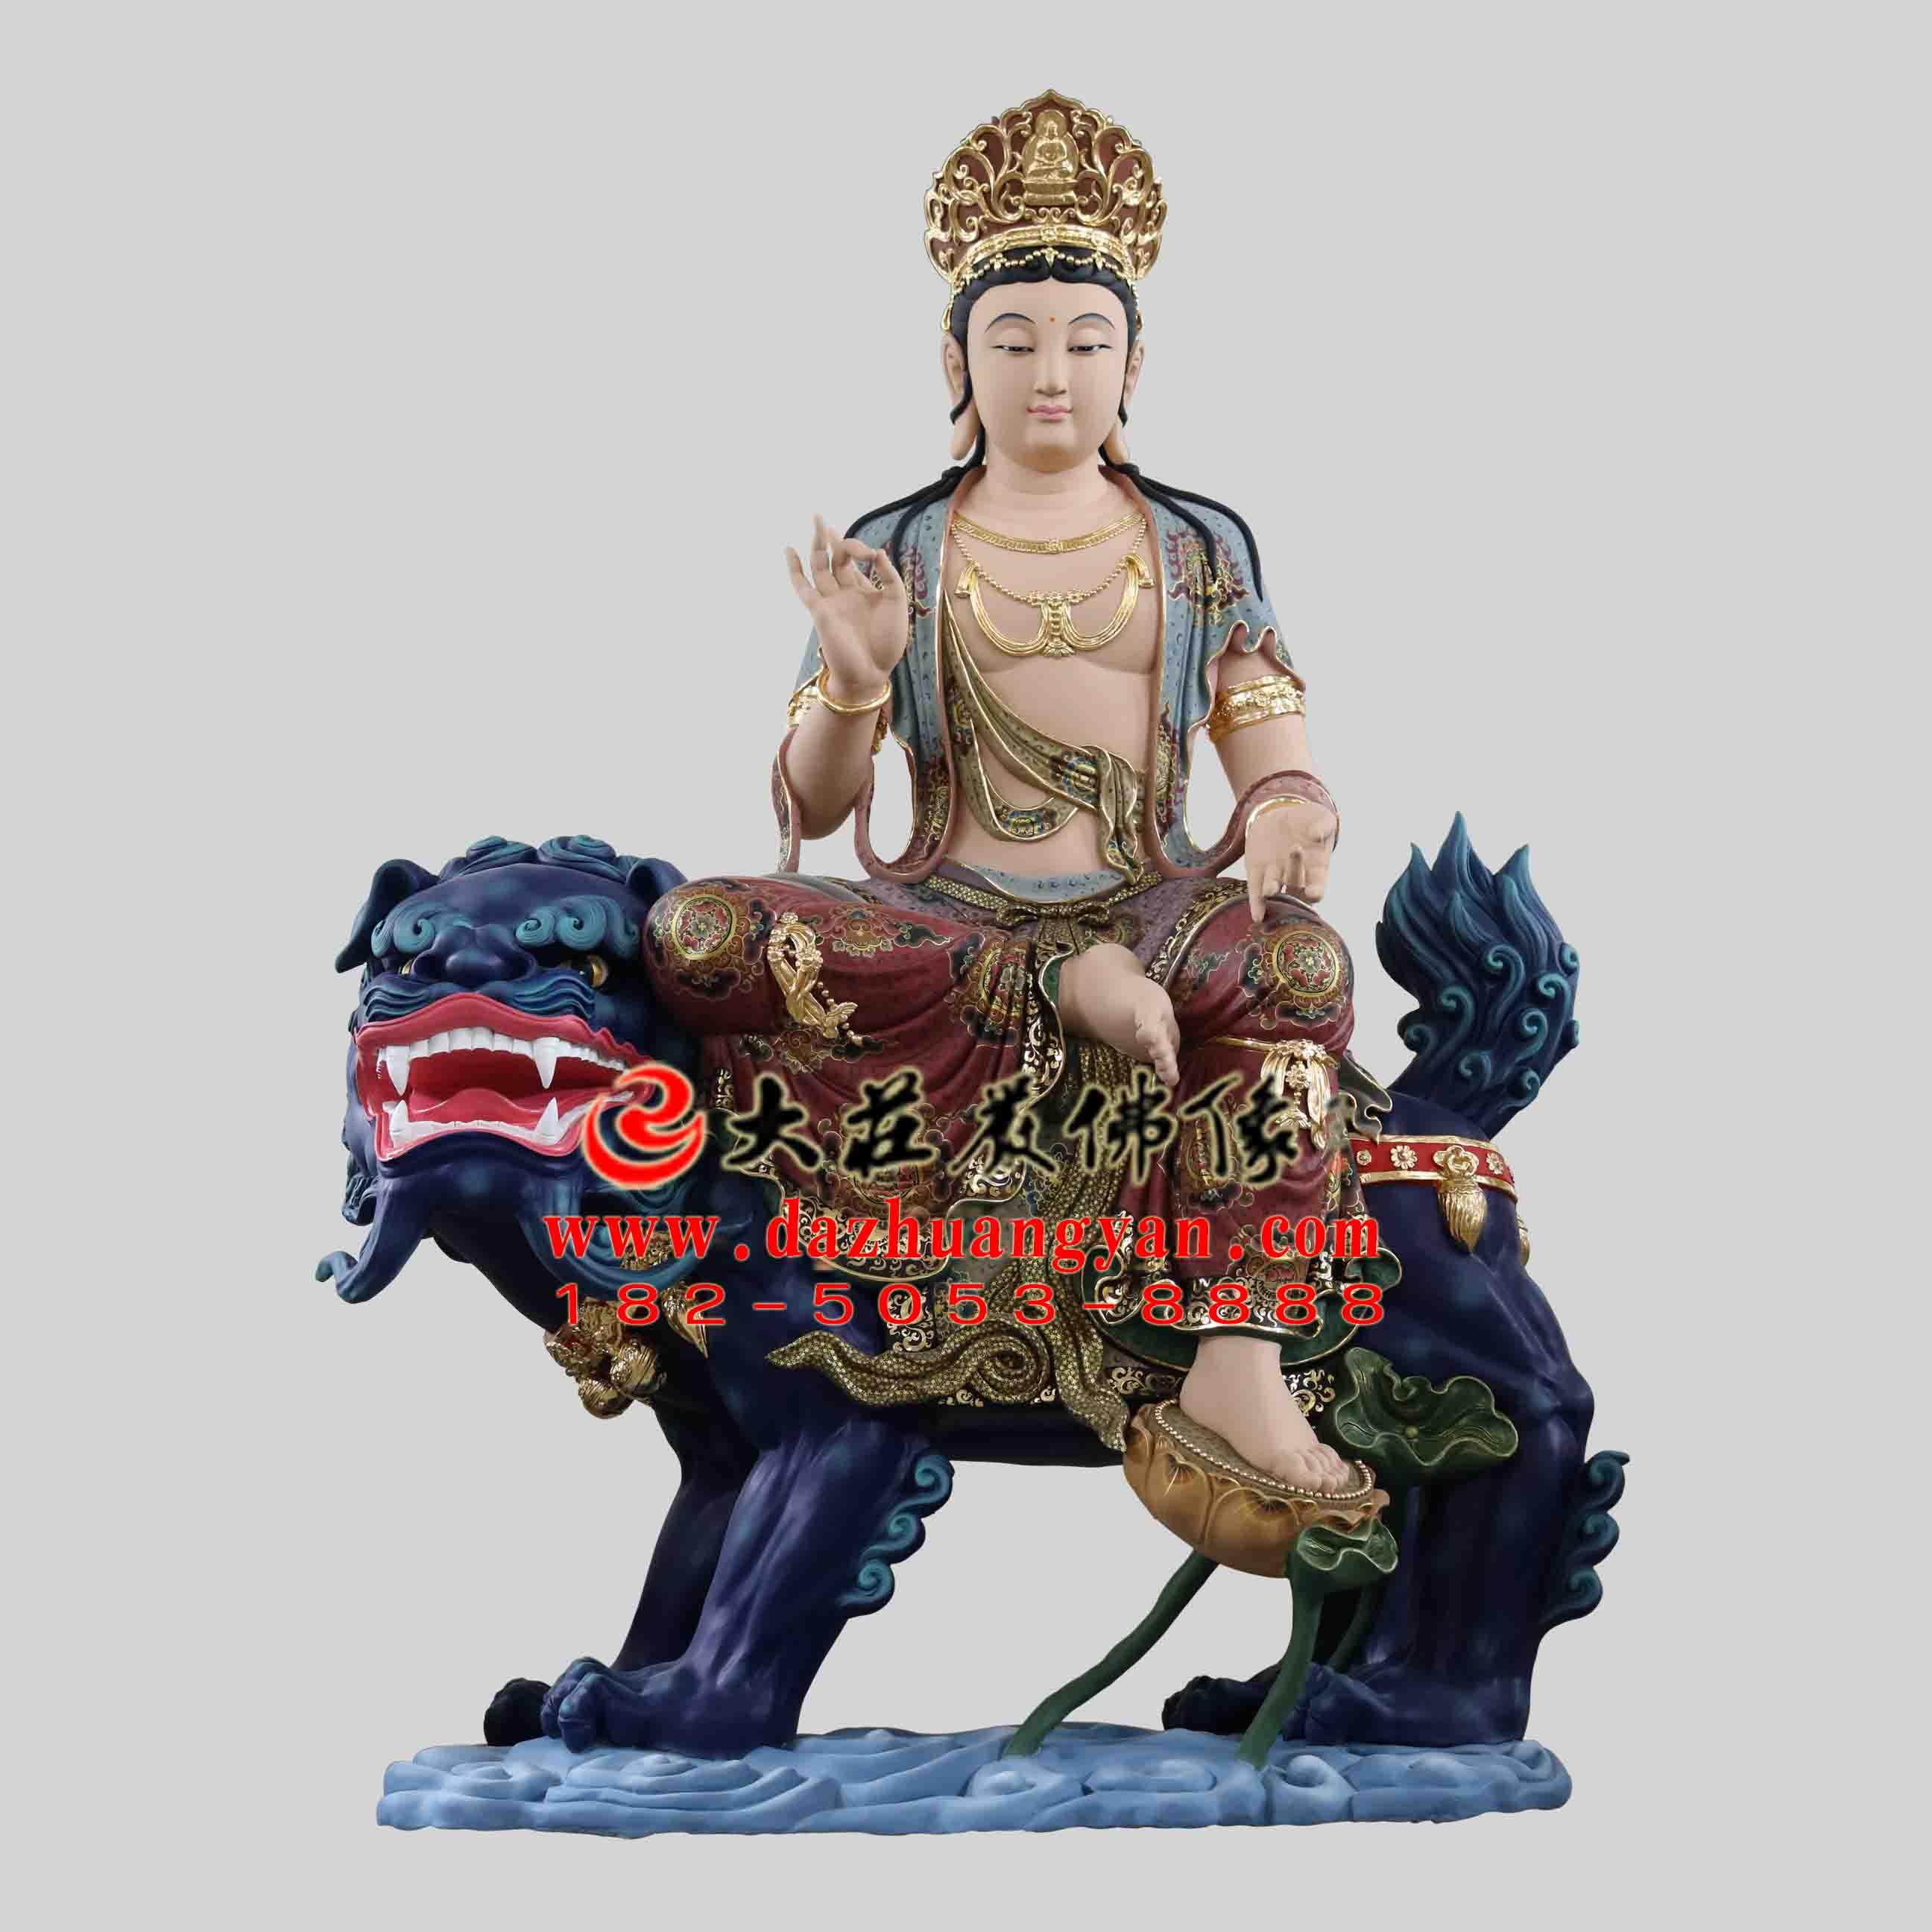 彩绘描金生漆脱胎华严三圣之文殊菩萨塑像